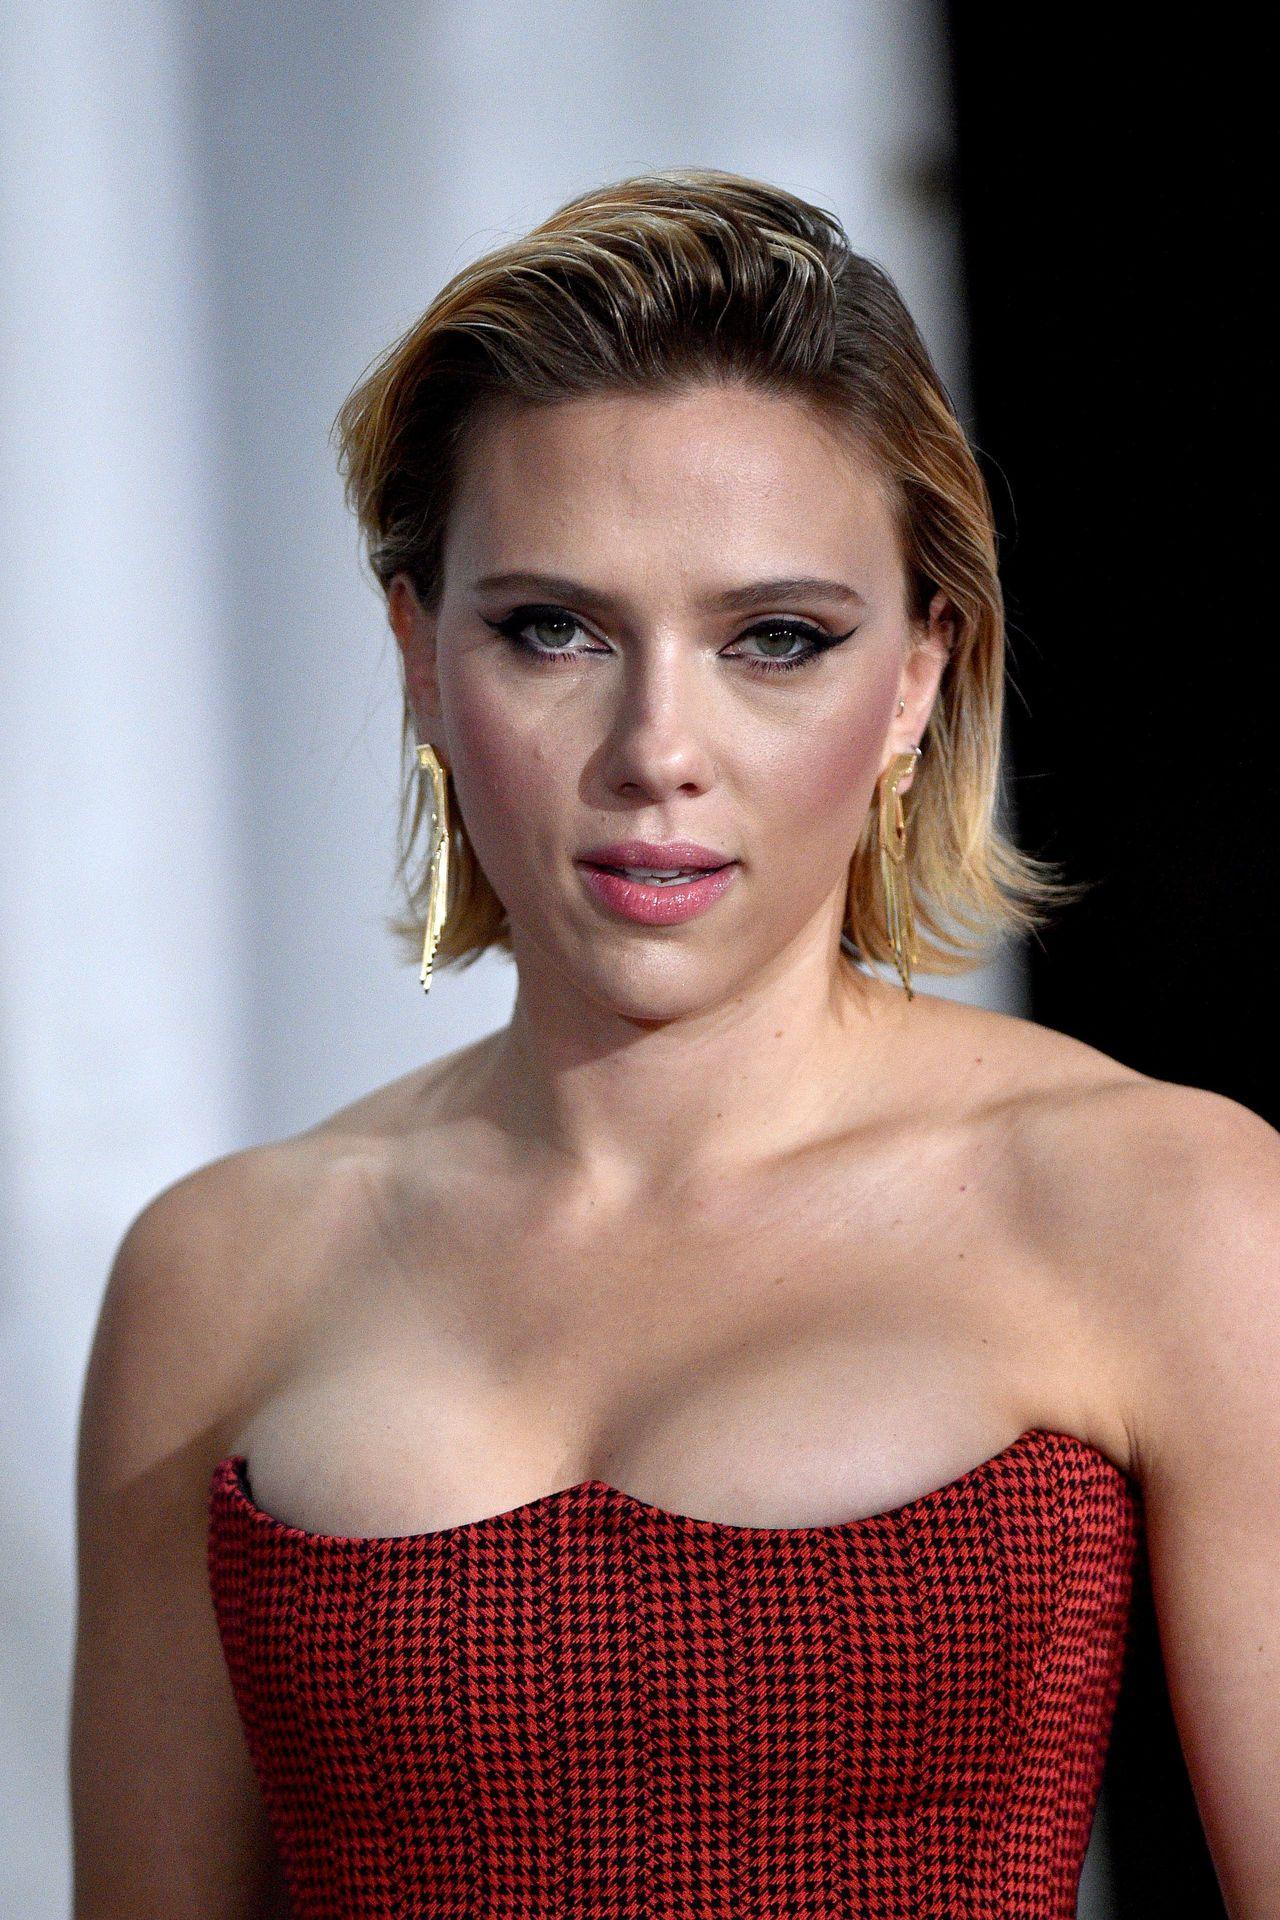 Vanessa Hudgens Celebrity Nude